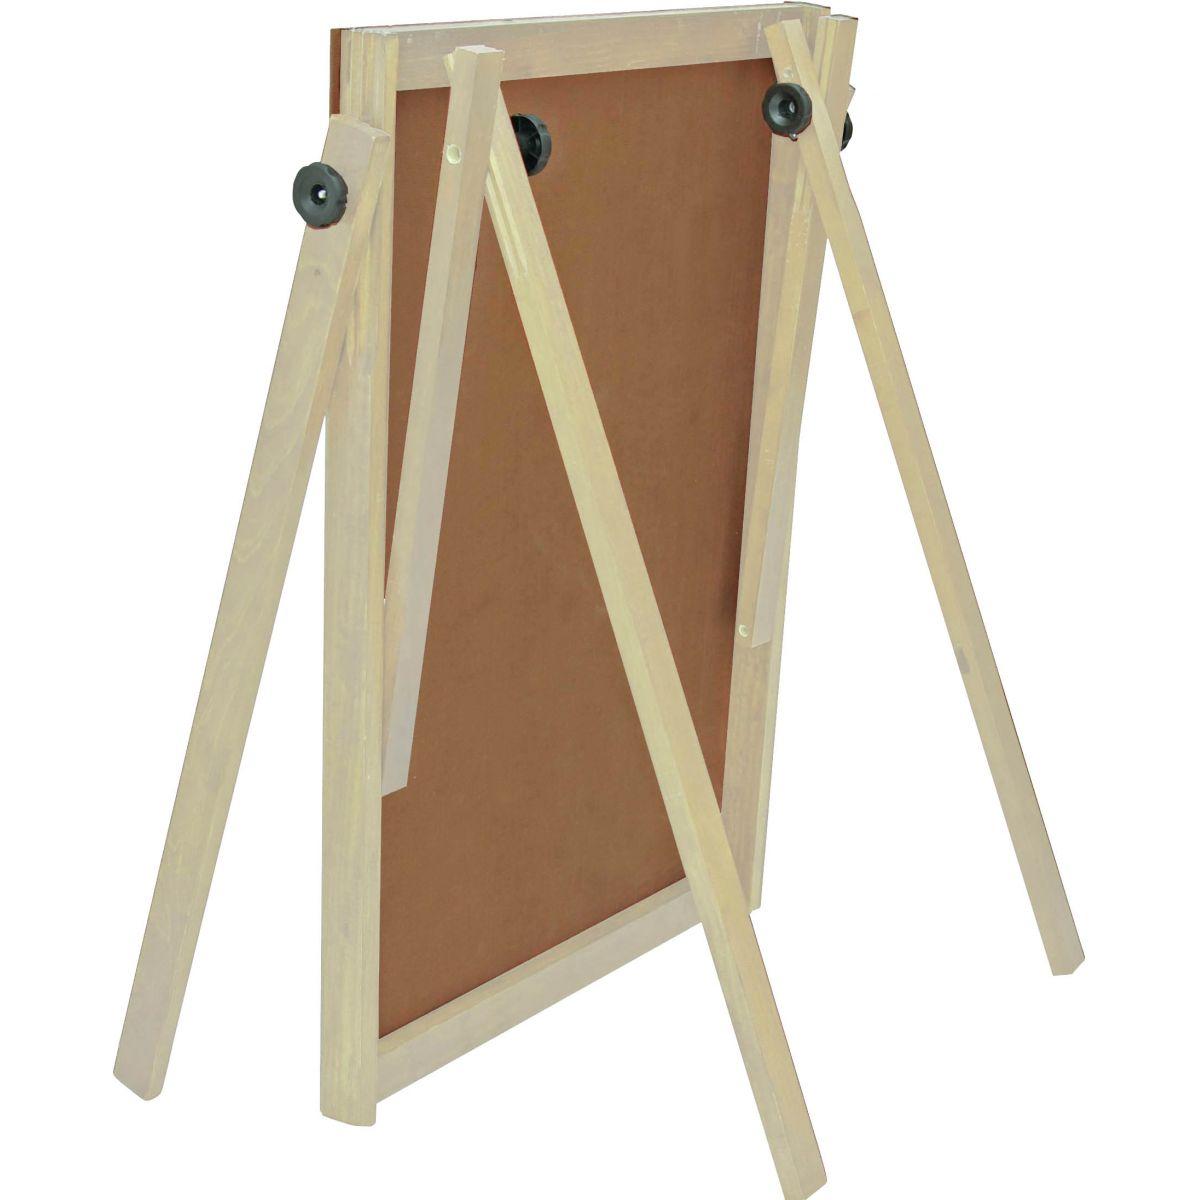 Cavalete Flip Chart Porta Bloco Compacto com Quadro Branco estrutura em Madeira Cor Natural Altura Ajustável 1,63 ou 1,72 m - 2510 Souza